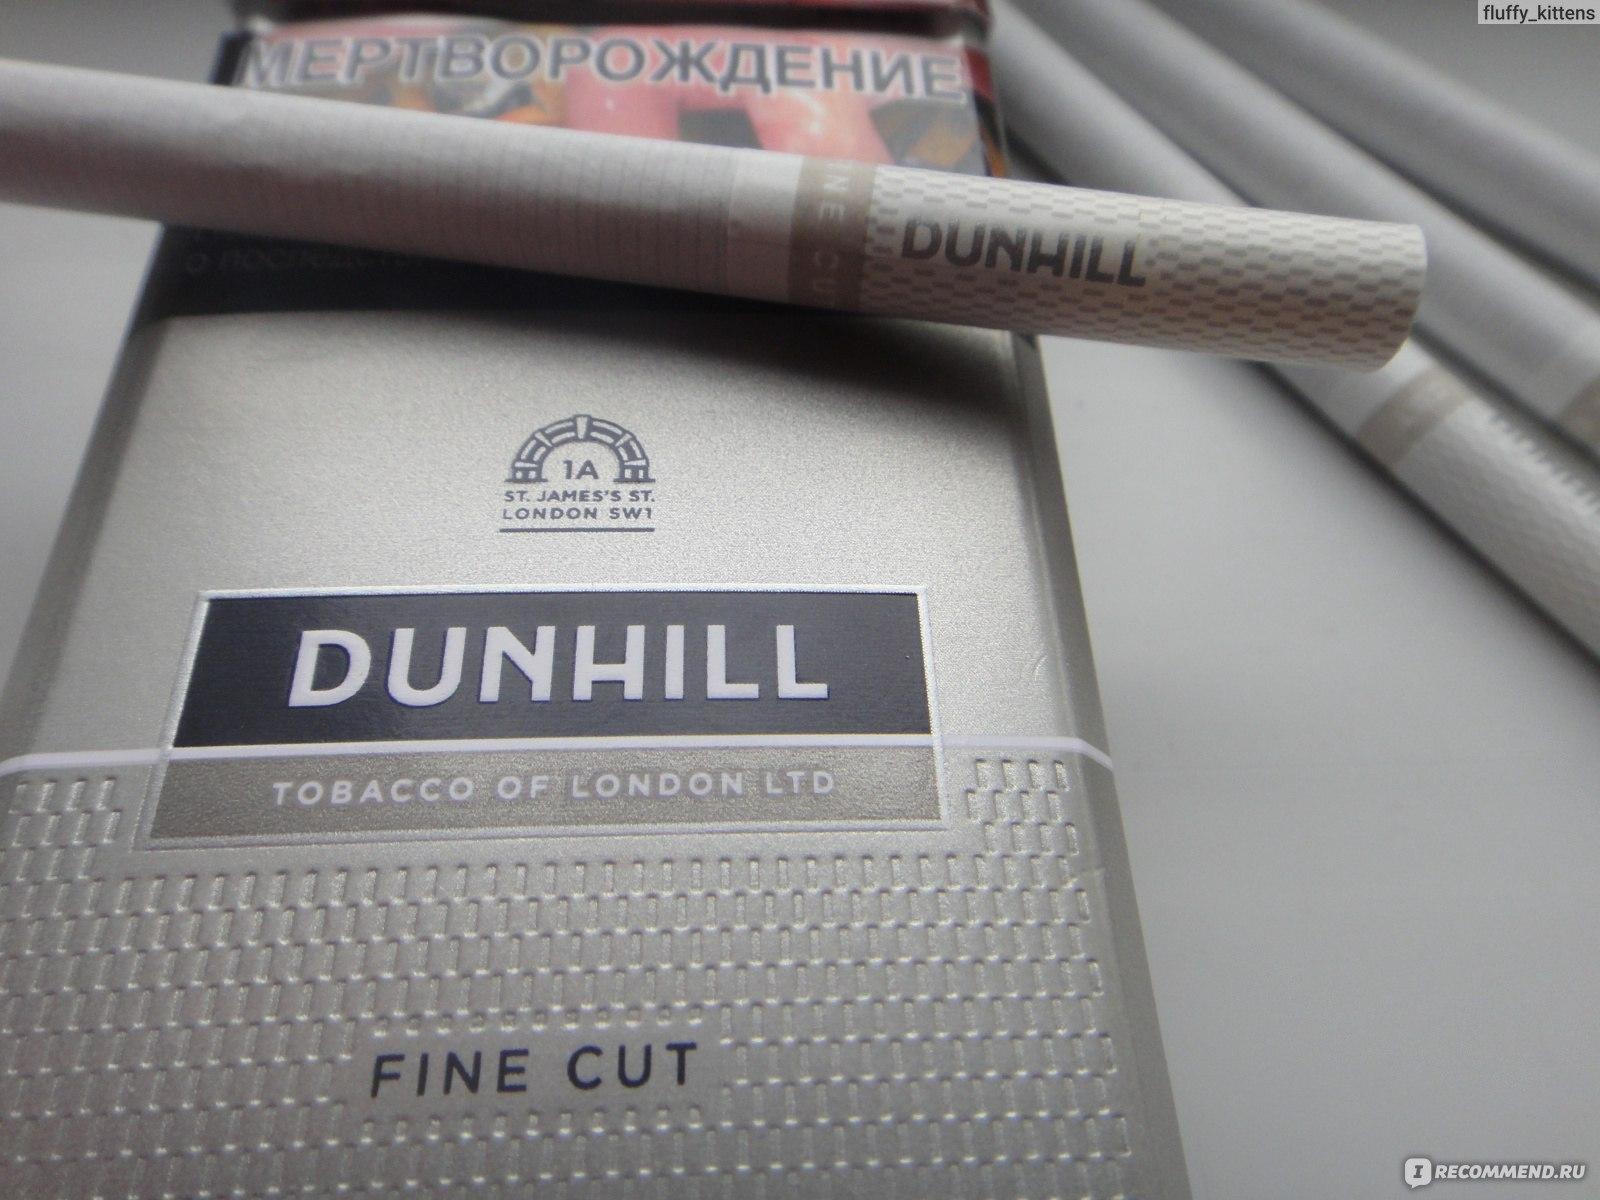 сигареты данхилл купить в интернет магазине недорого